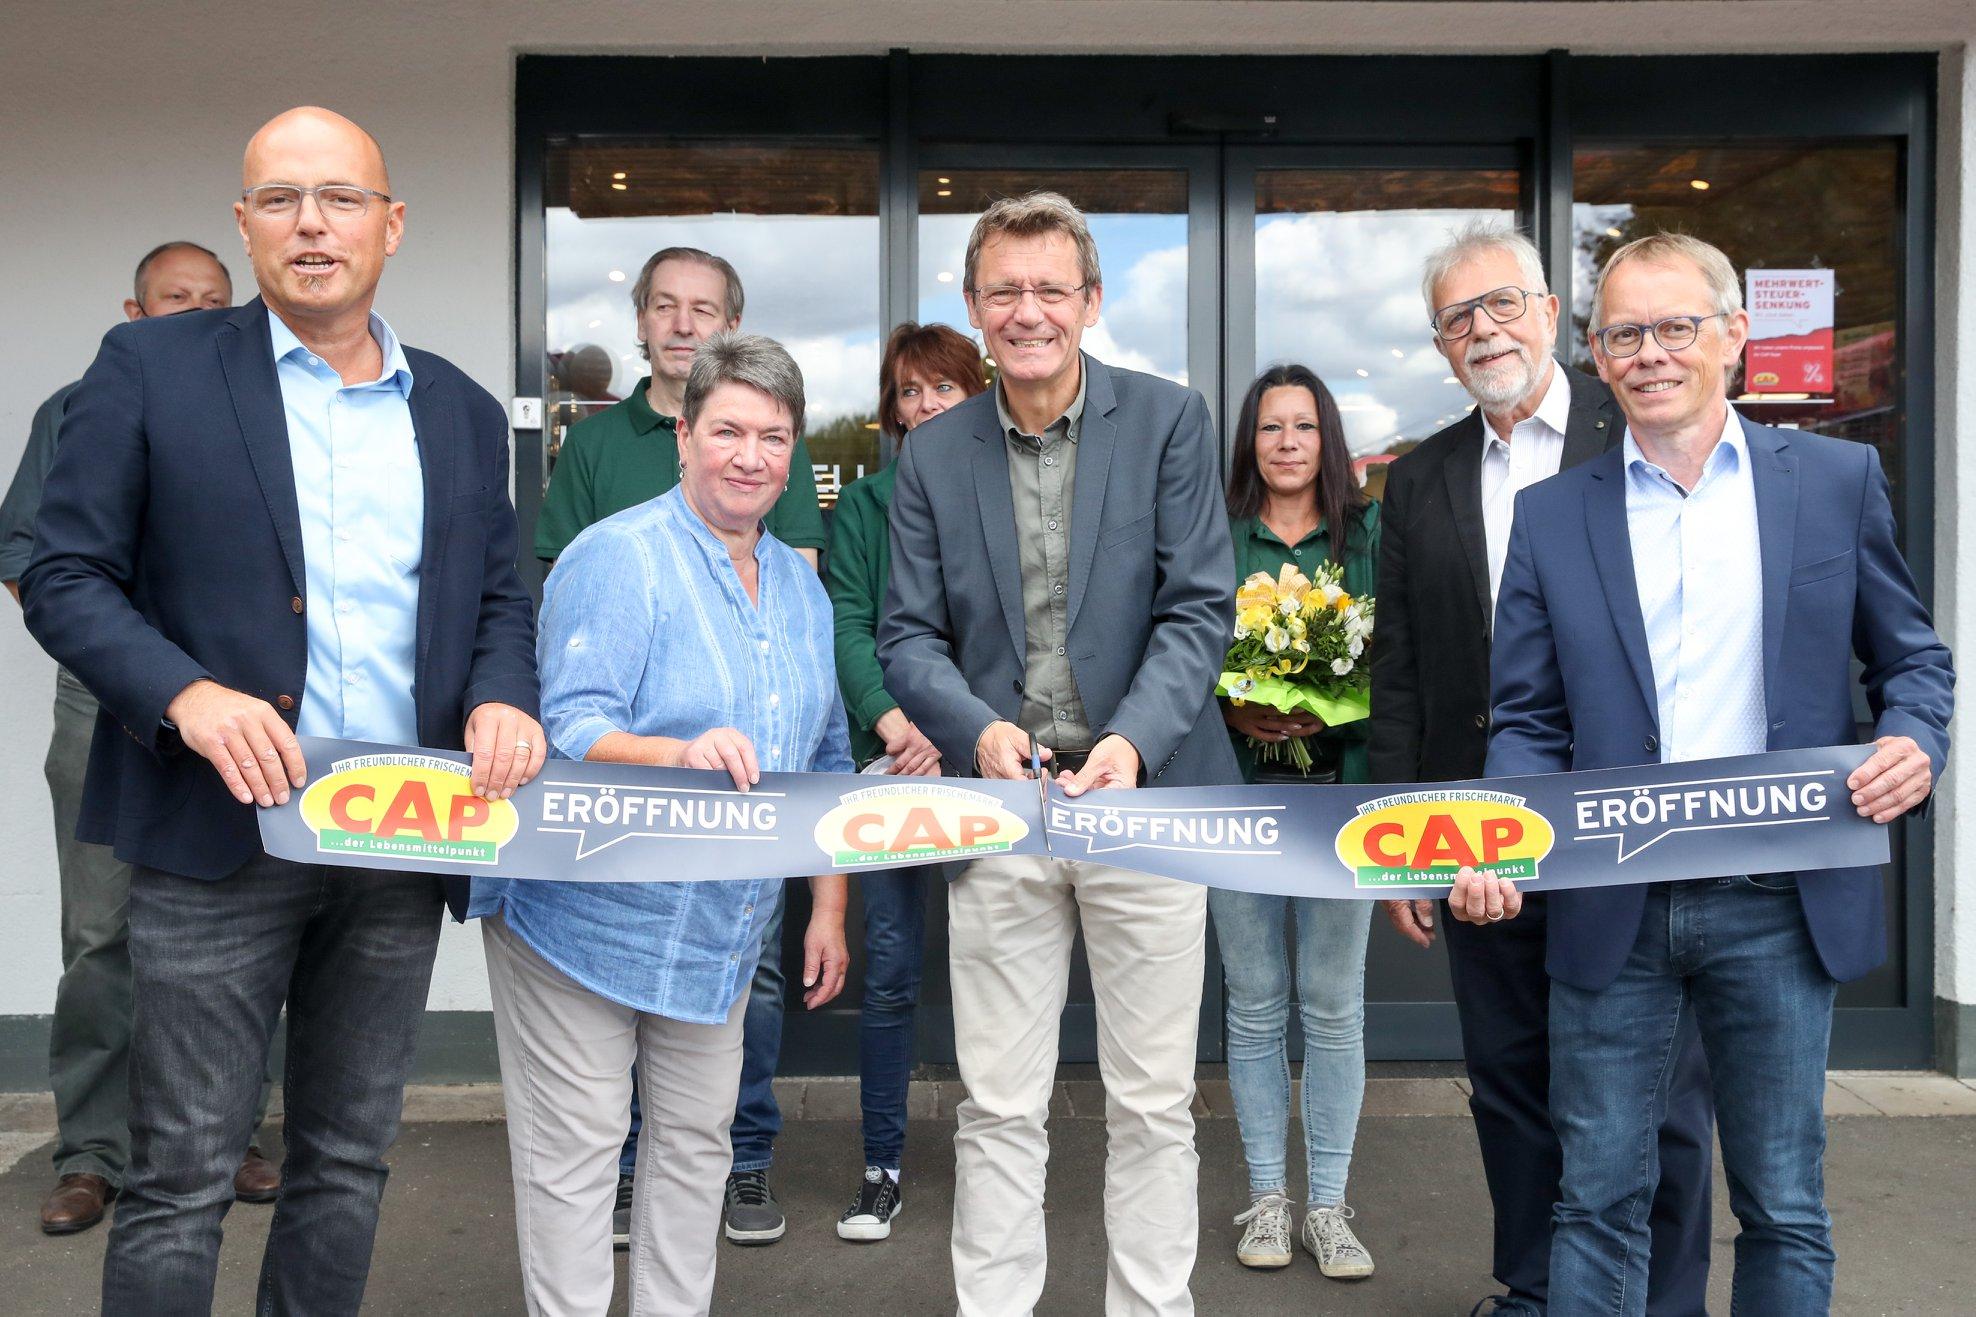 Eröffnung CAP Markt Niederkirchen